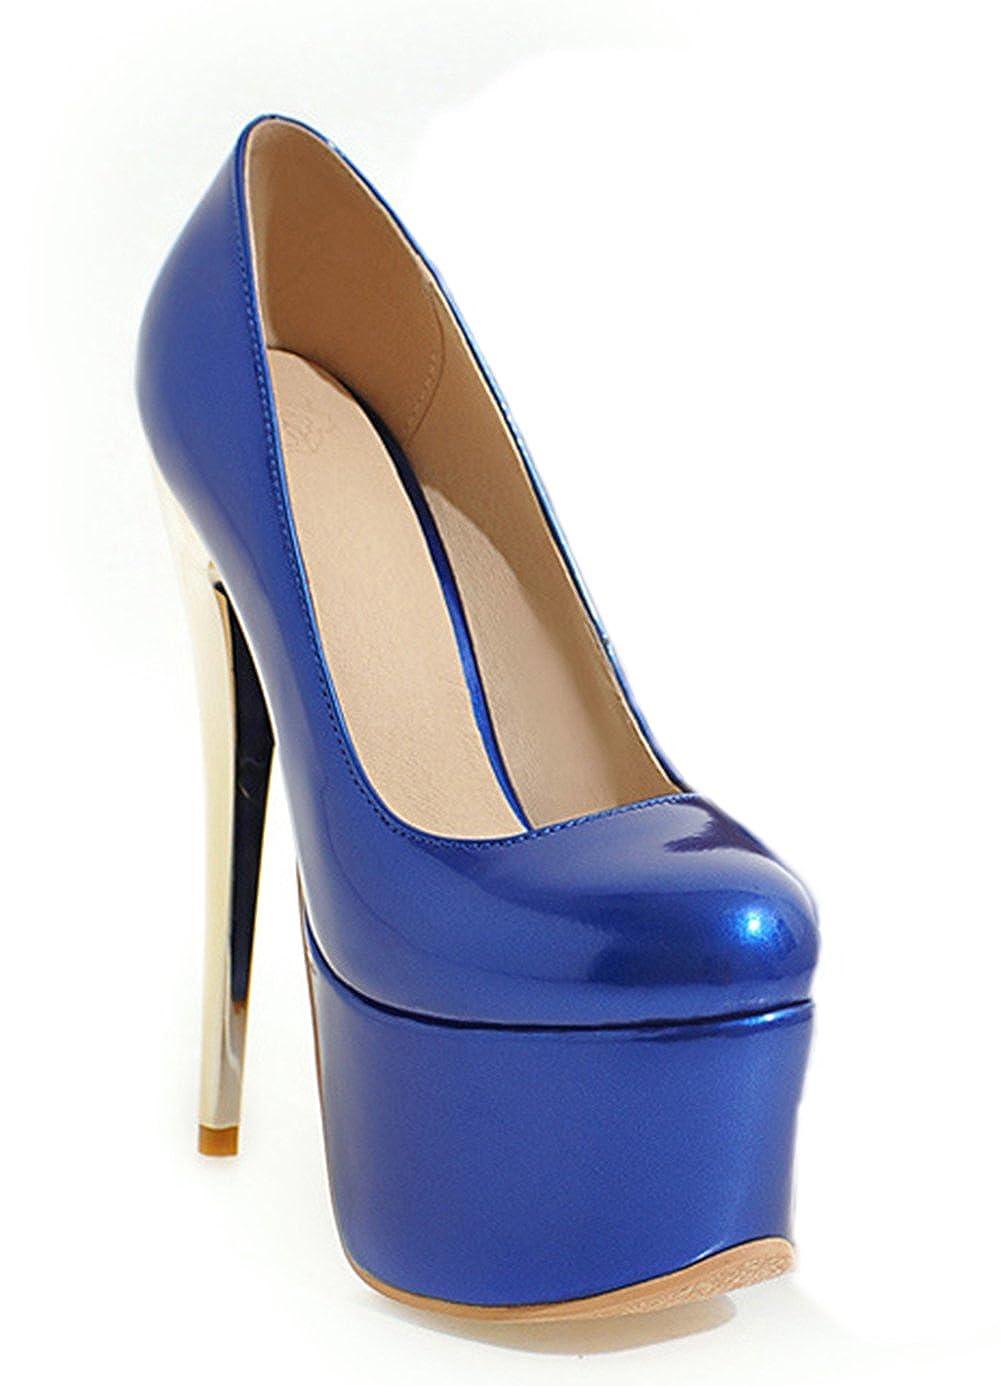 ba0f2395ae952e Aisun Damen Sexy High Heels Lackleder Runde Zehen Plateau Pumps  Amazon.de   Schuhe   Handtaschen